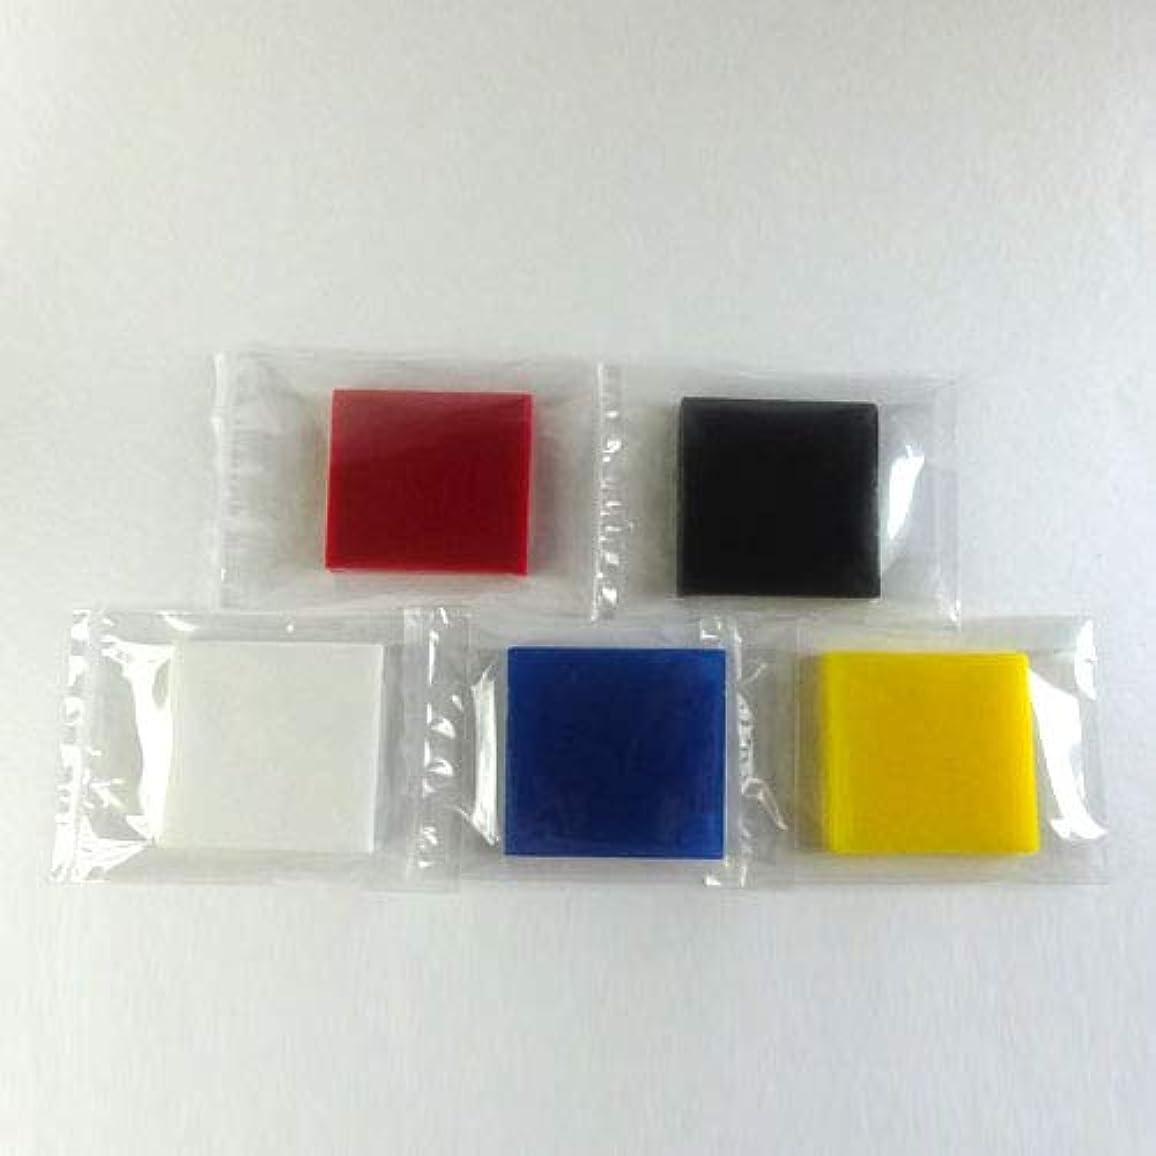 ライバル賞容赦ないグリセリンソープ MPソープ 色チップ 5色(赤?青?黄?白?黒) 各120g(30g x 4pc)